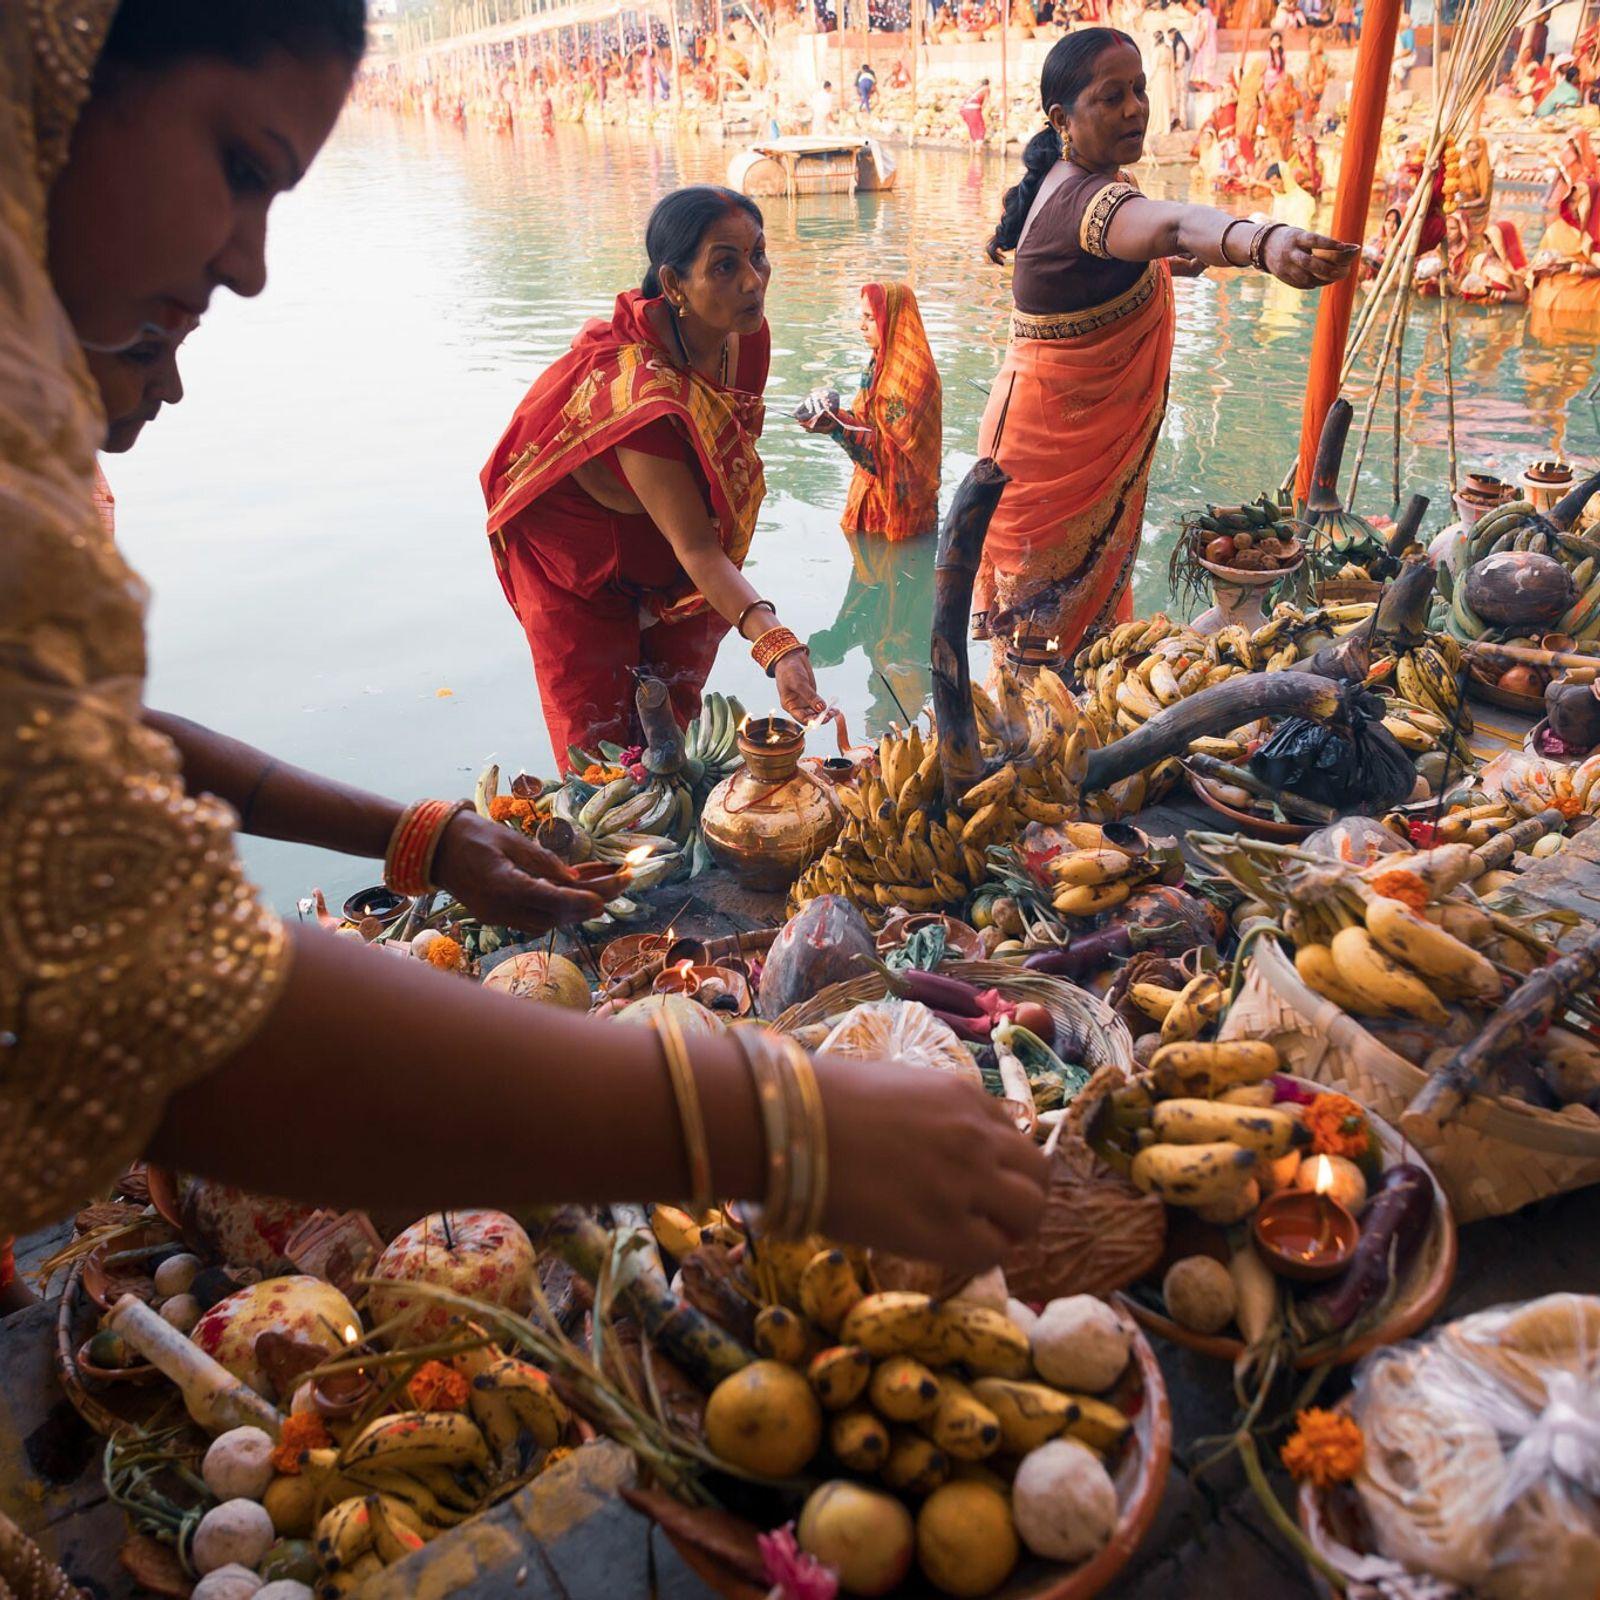 Celebrado atualmente em regiões da Índia, Nepal e outros países, o Chhath Puja é um antigo ...